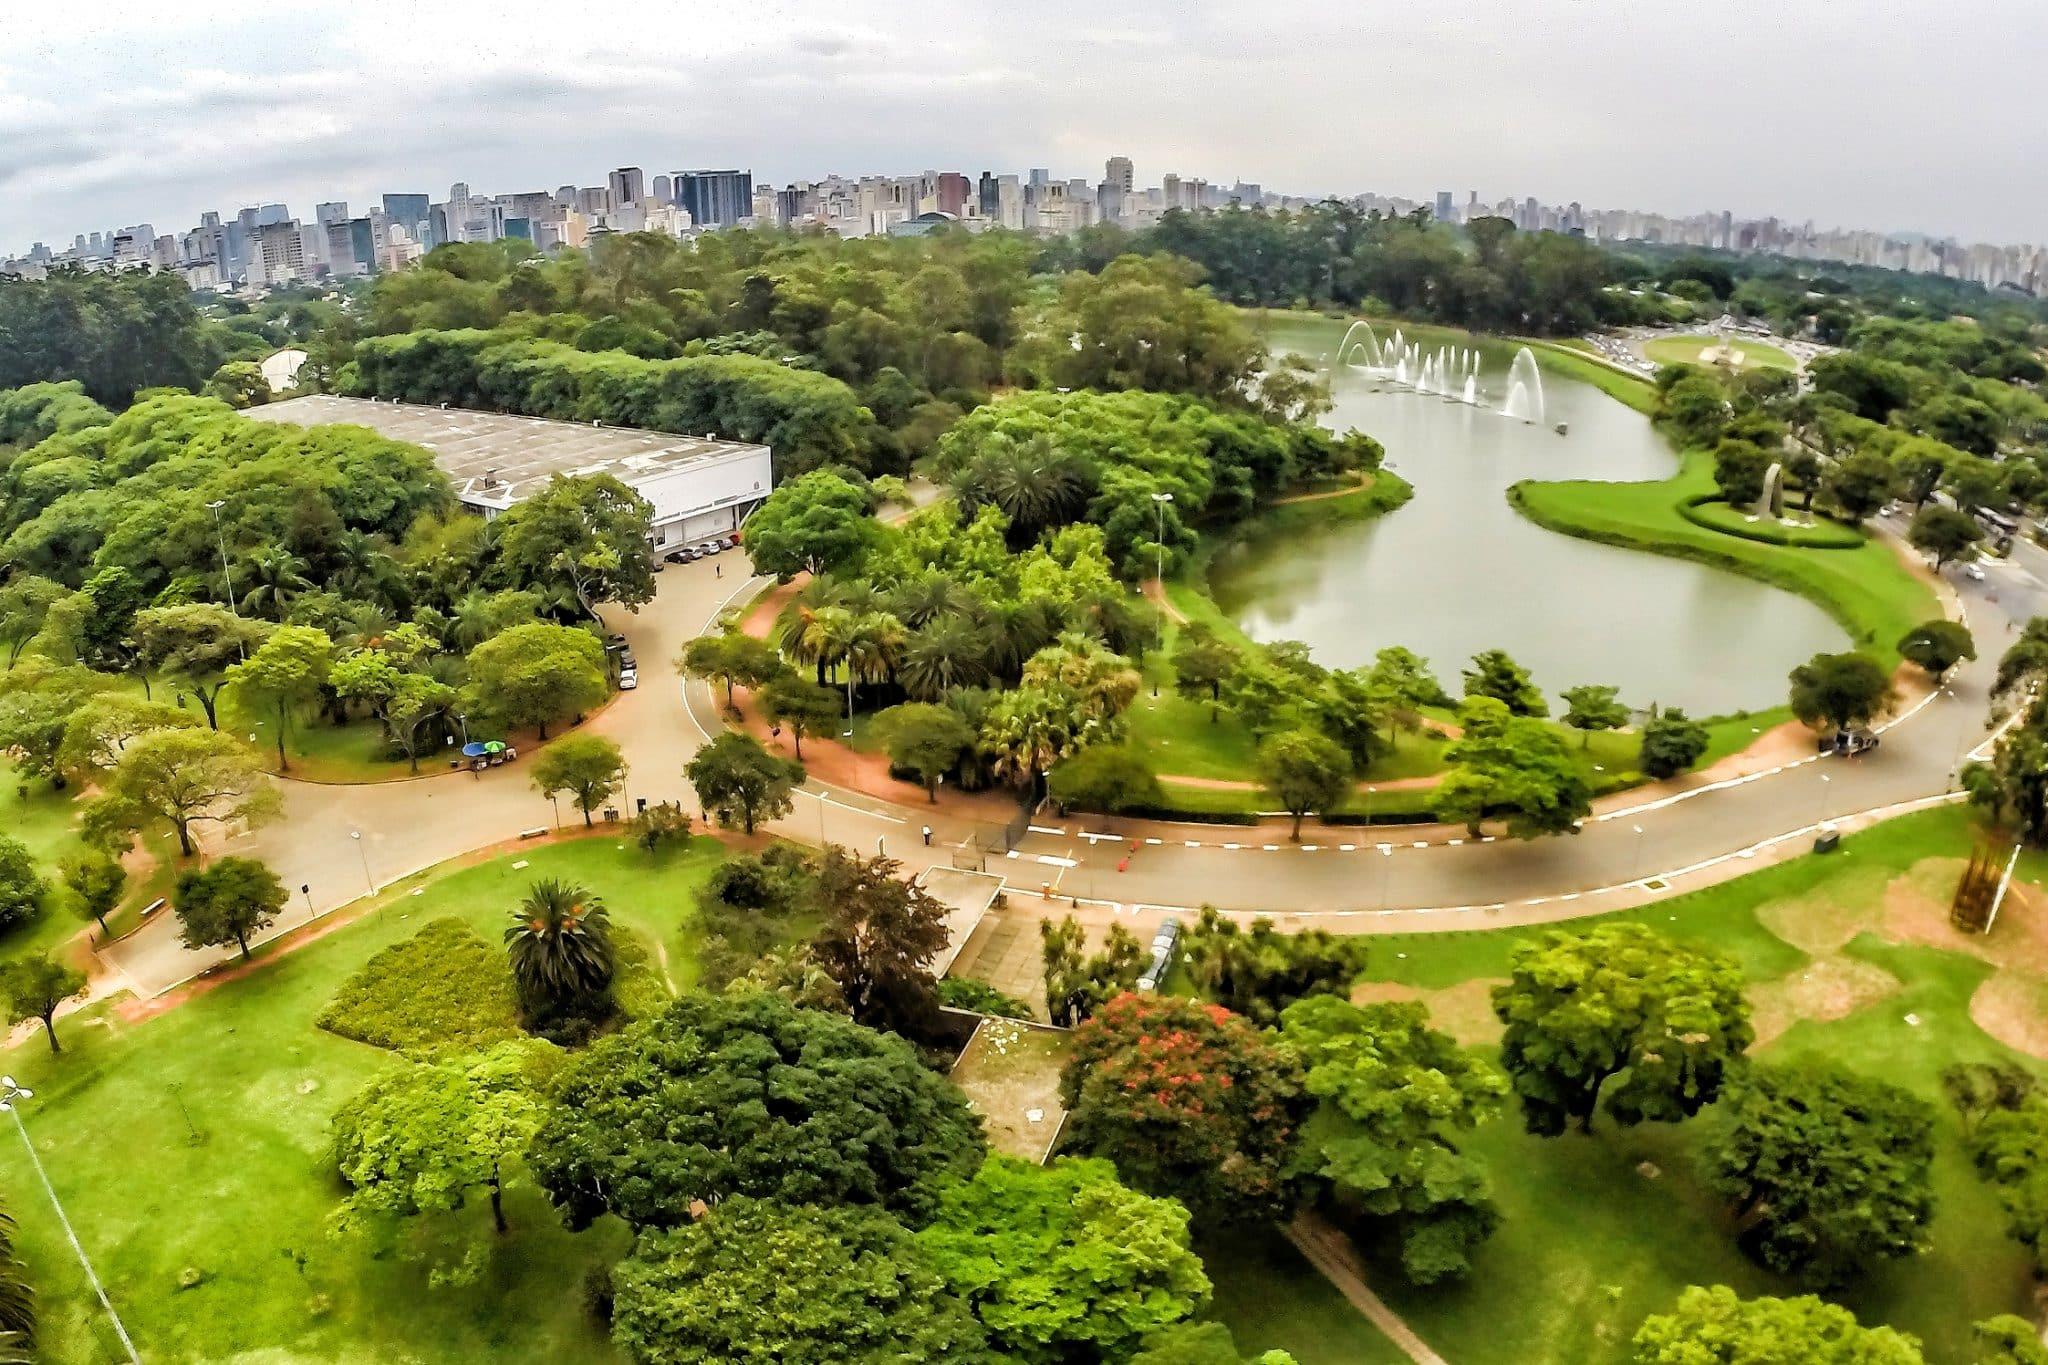 burle marx a arquiteta3 - Maiores arquitetos brasileiros: conheça os principais nomes da nossa arquitetura